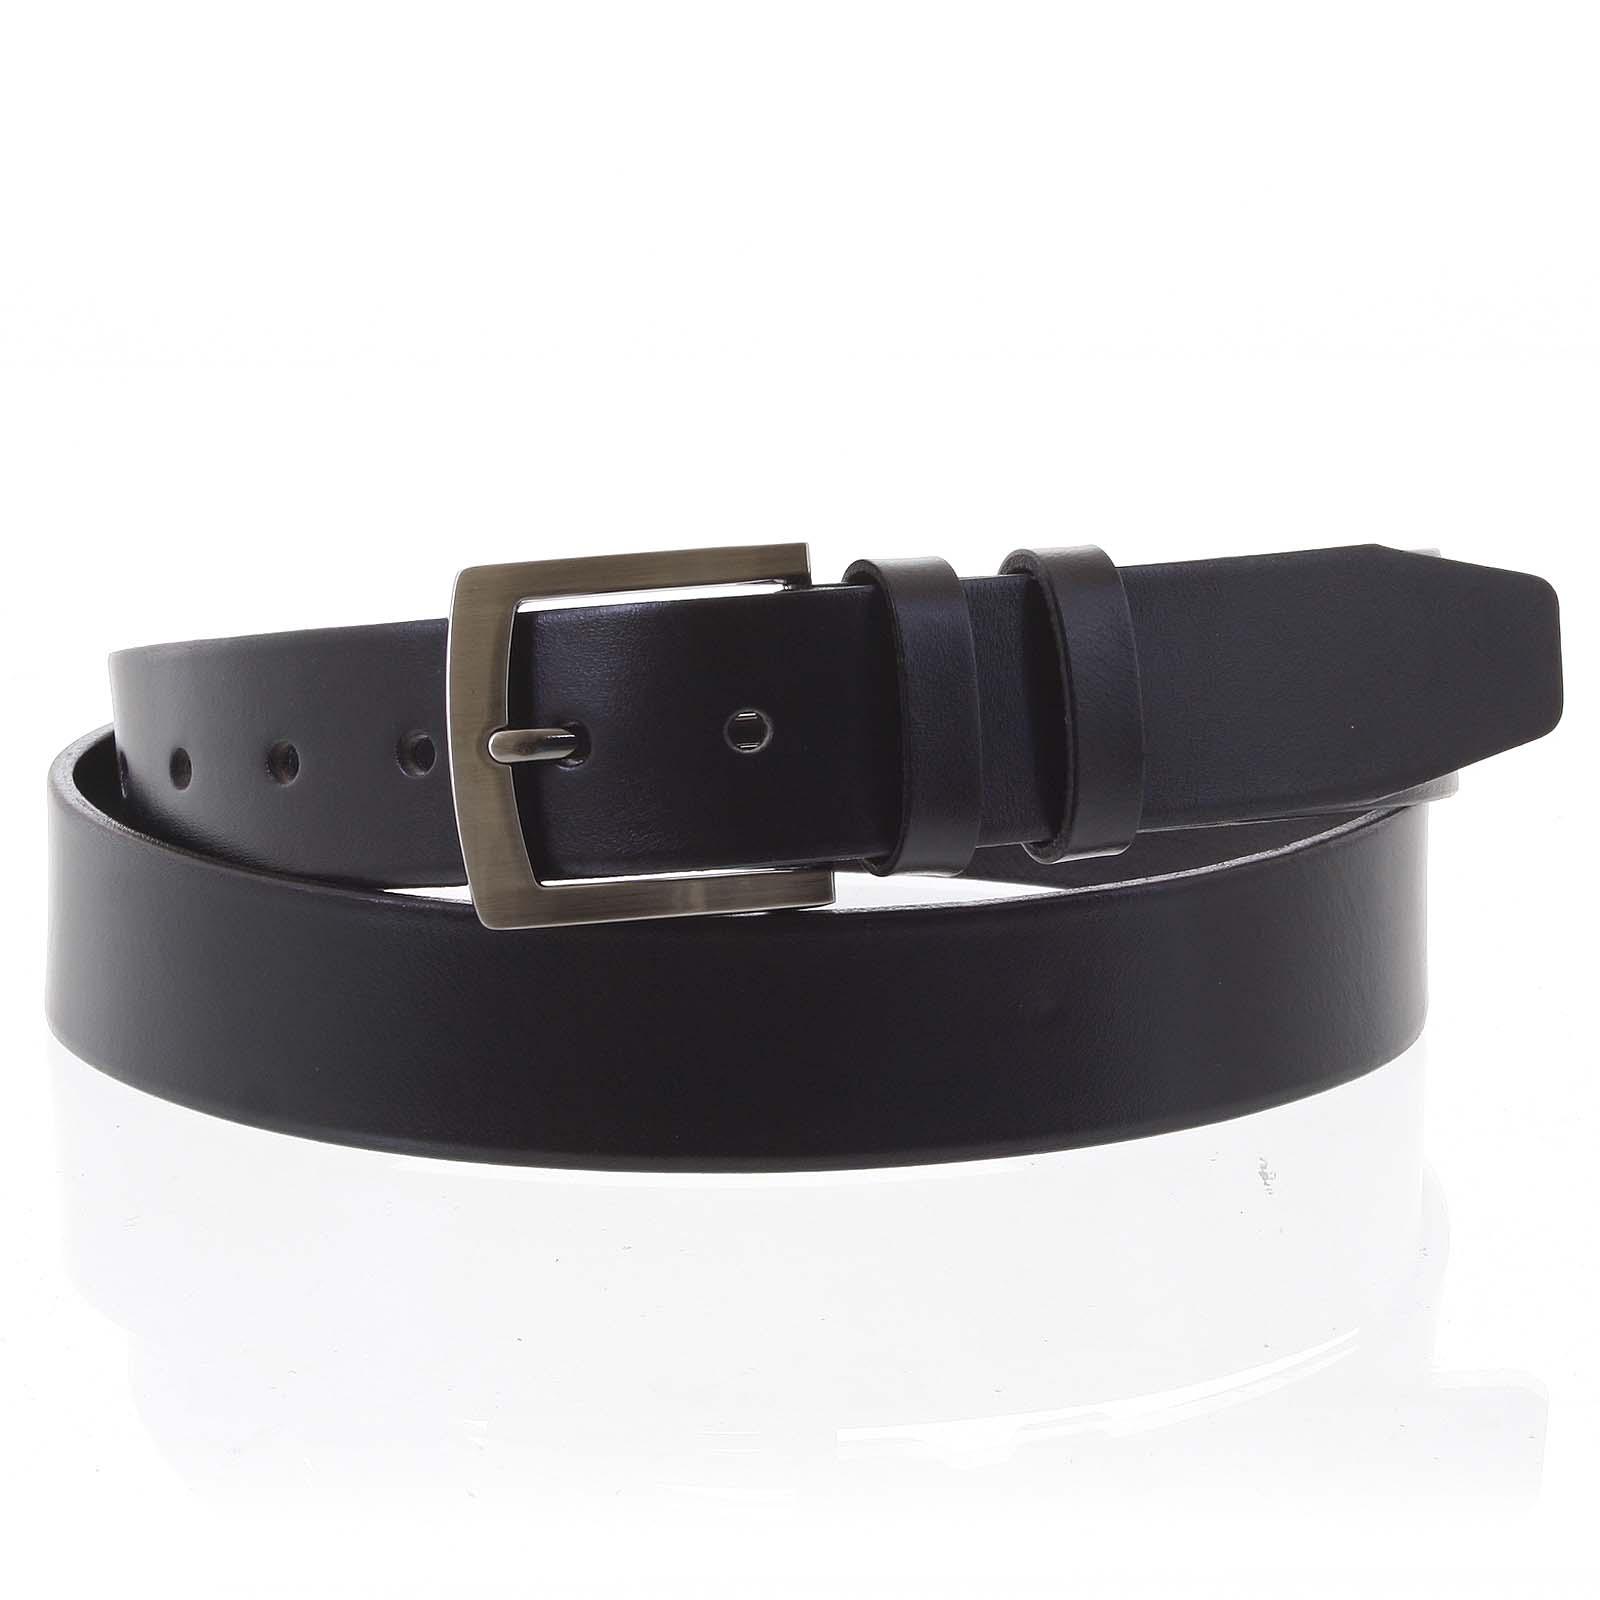 Pánsky kožený opasok jeansový čierny - PB Stach 95